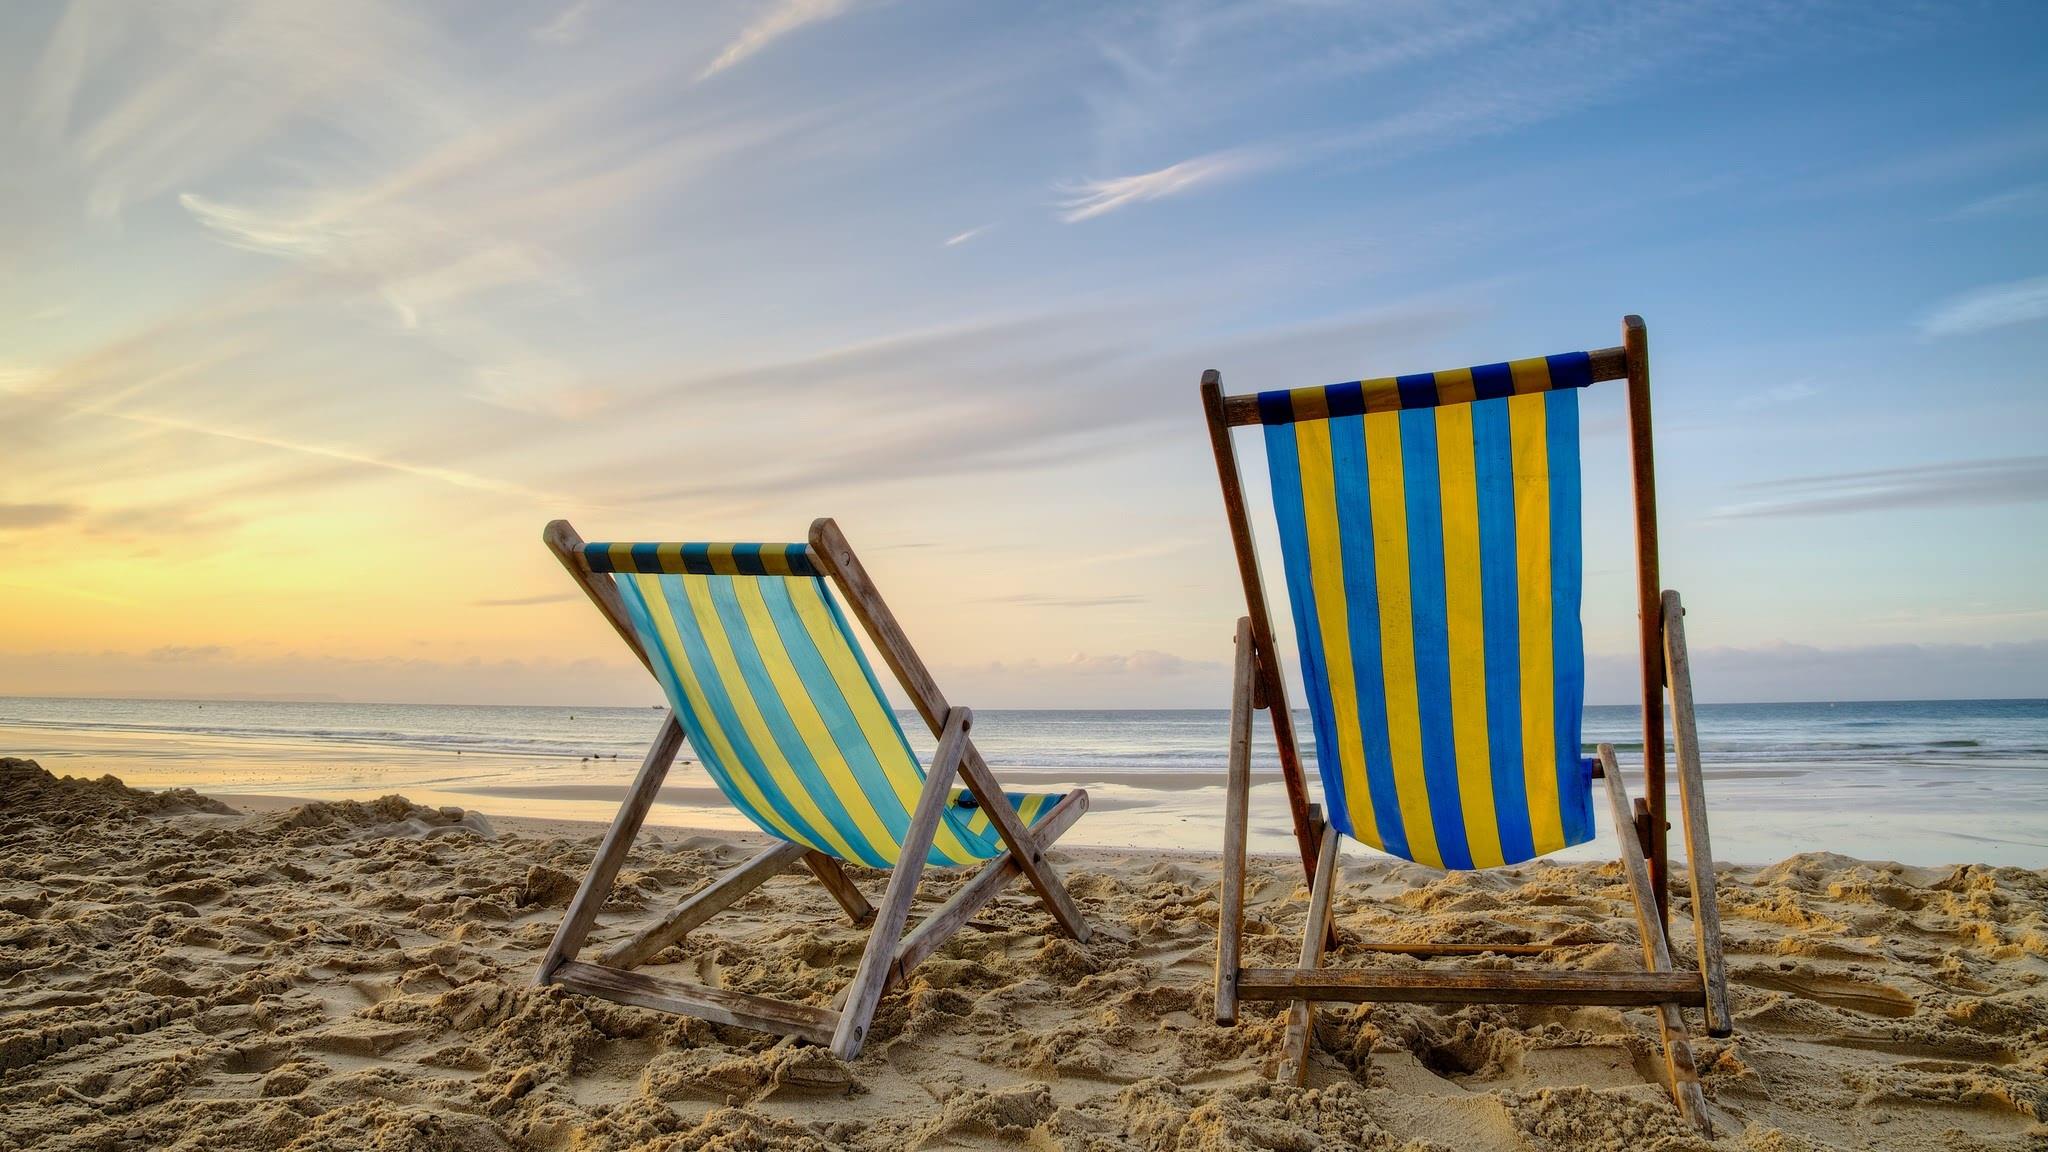 De-Stress Summer | Keeping your Children Safe in the Sun